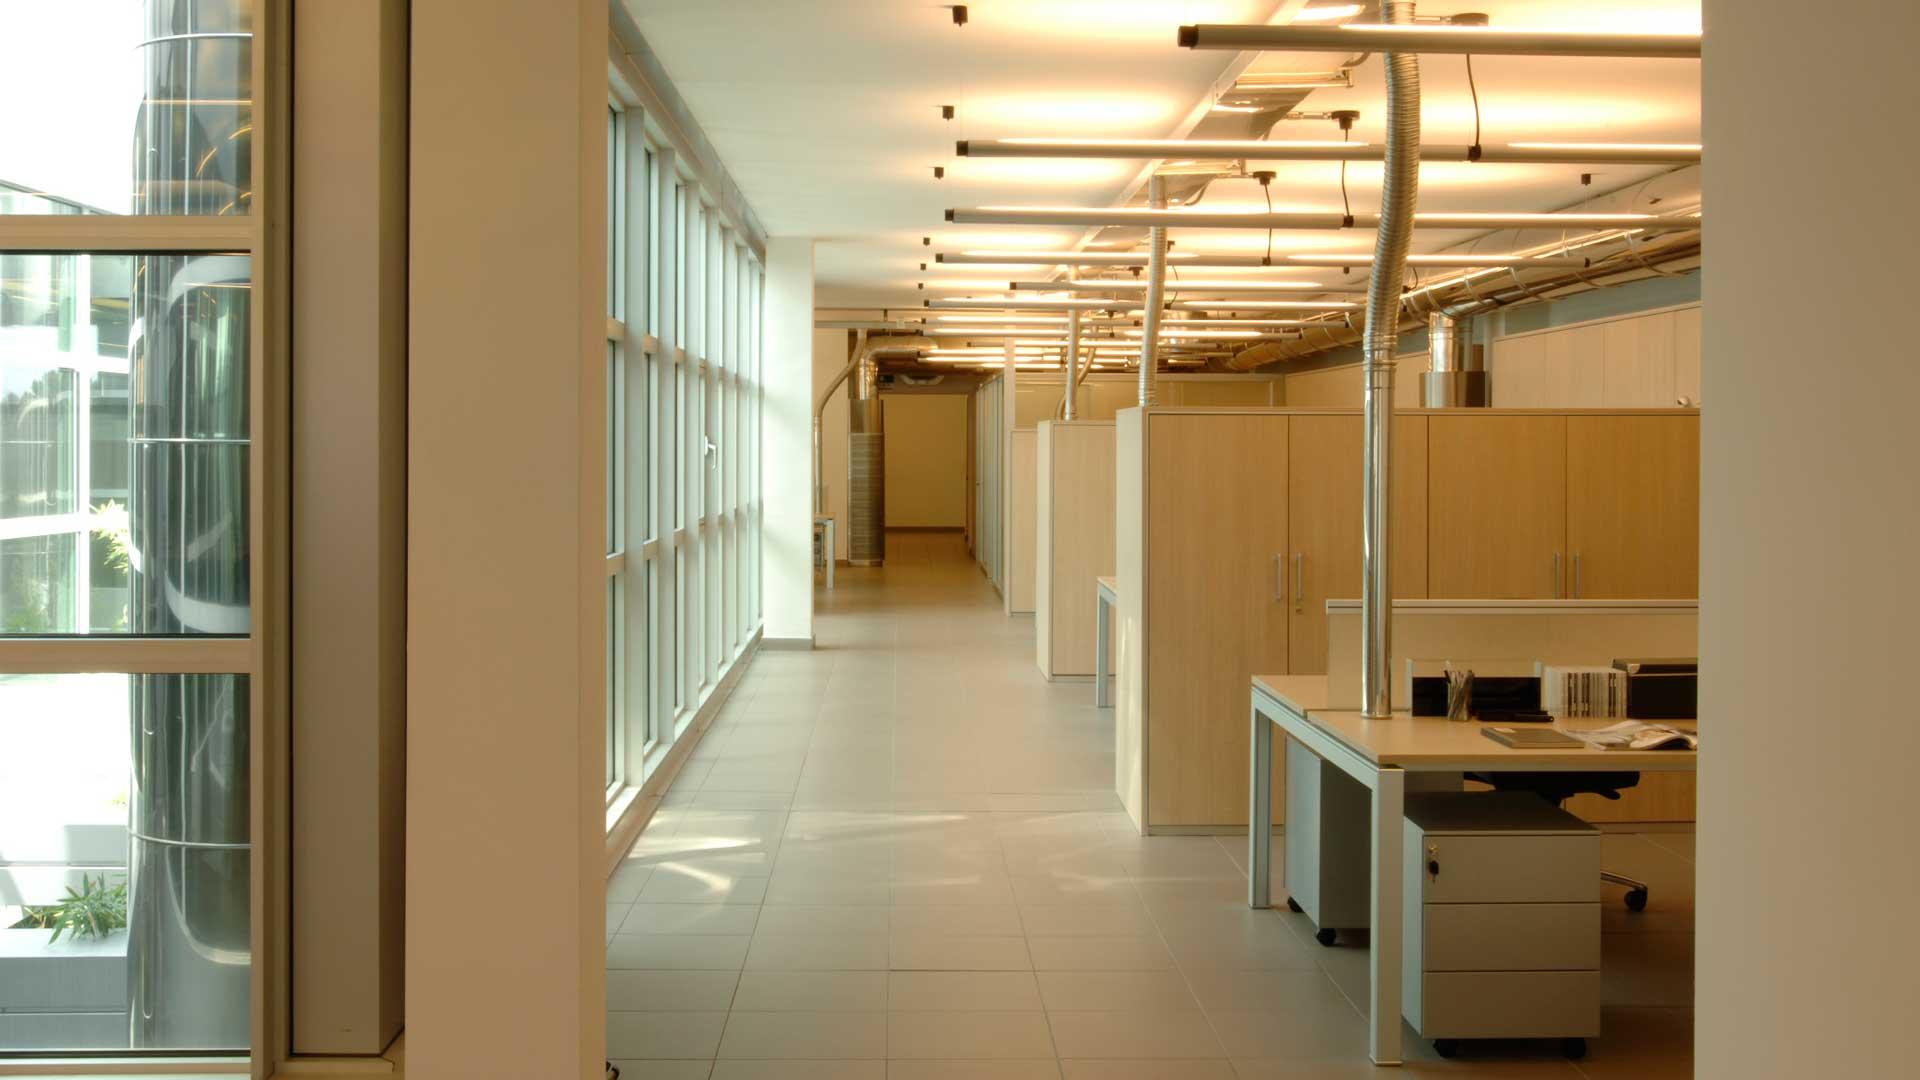 Pareti-attrezzate-per-ufficio-Mach-2-Libri-Level-Office-Landscape